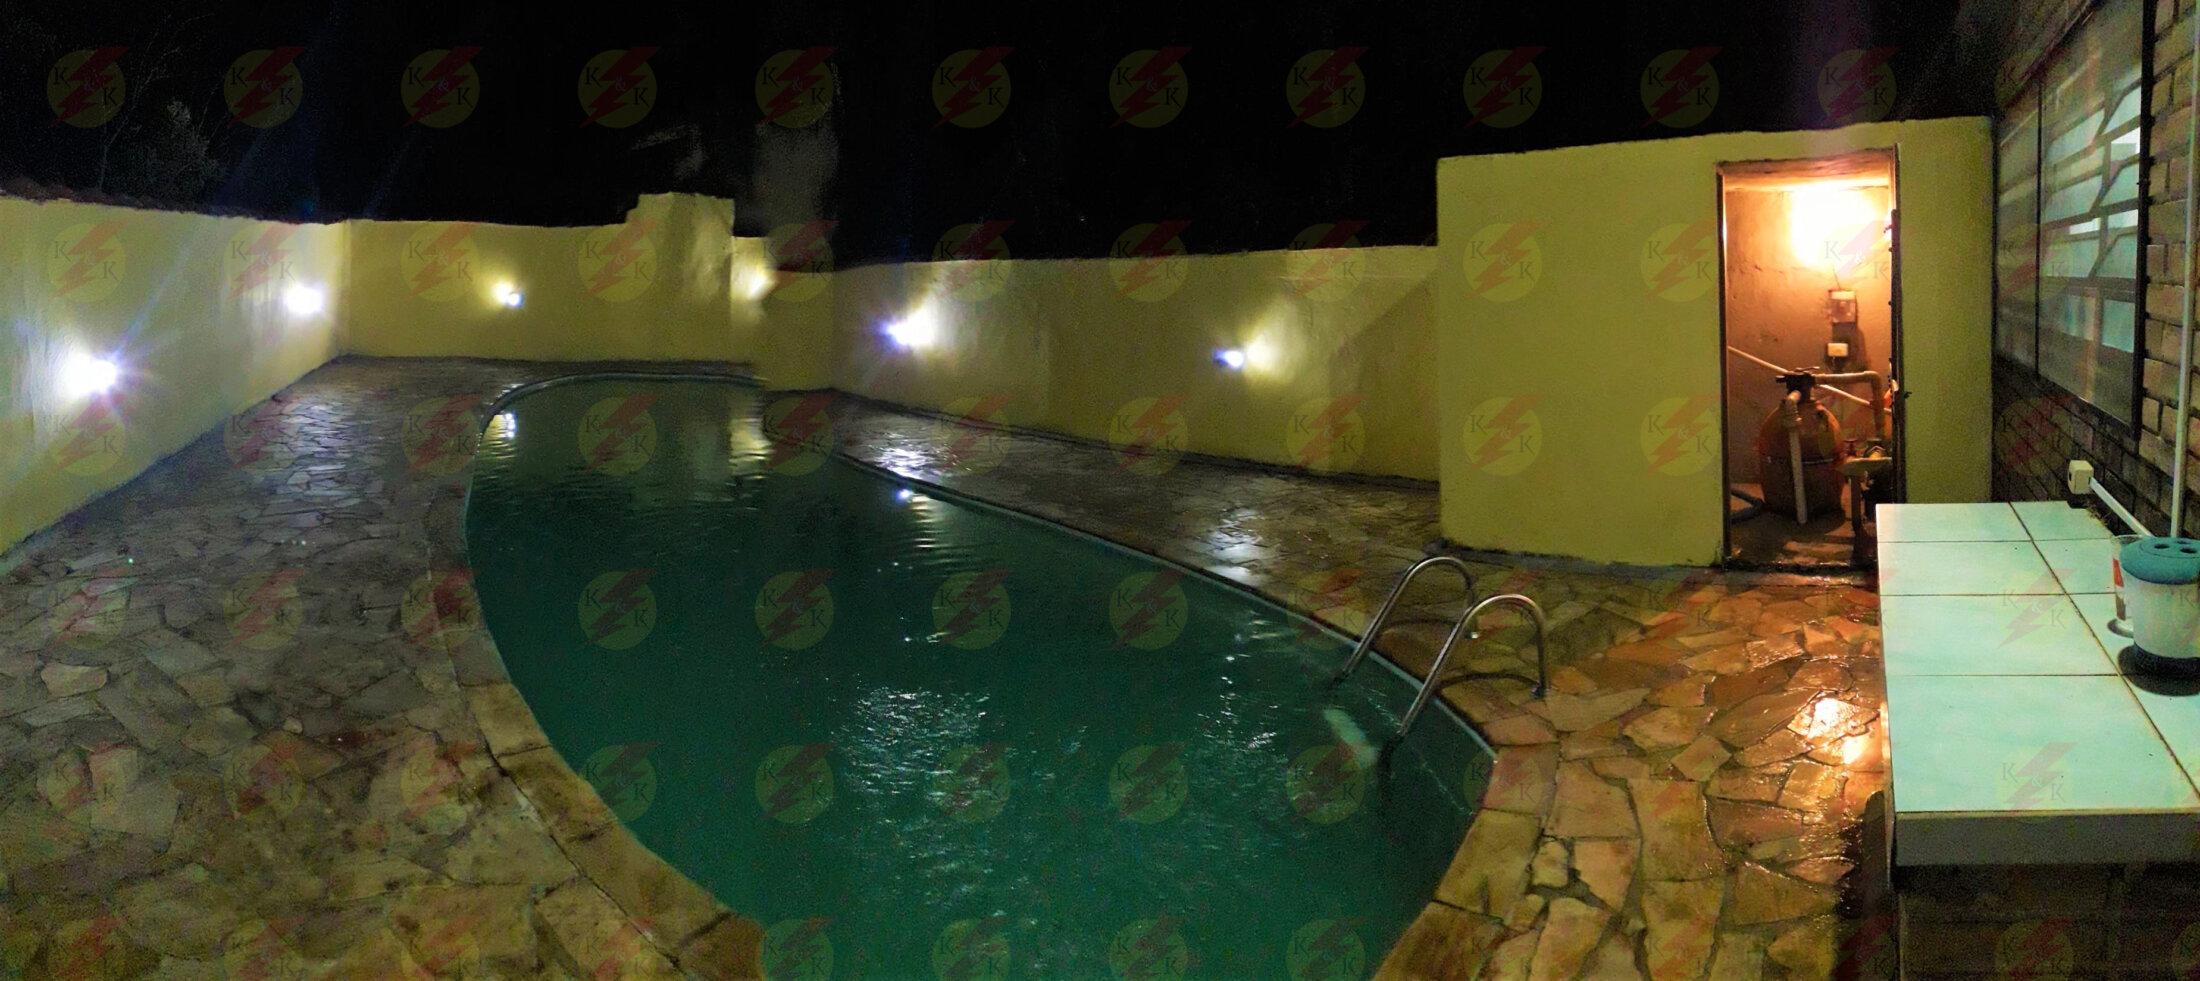 Iluminação led em volta da piscina